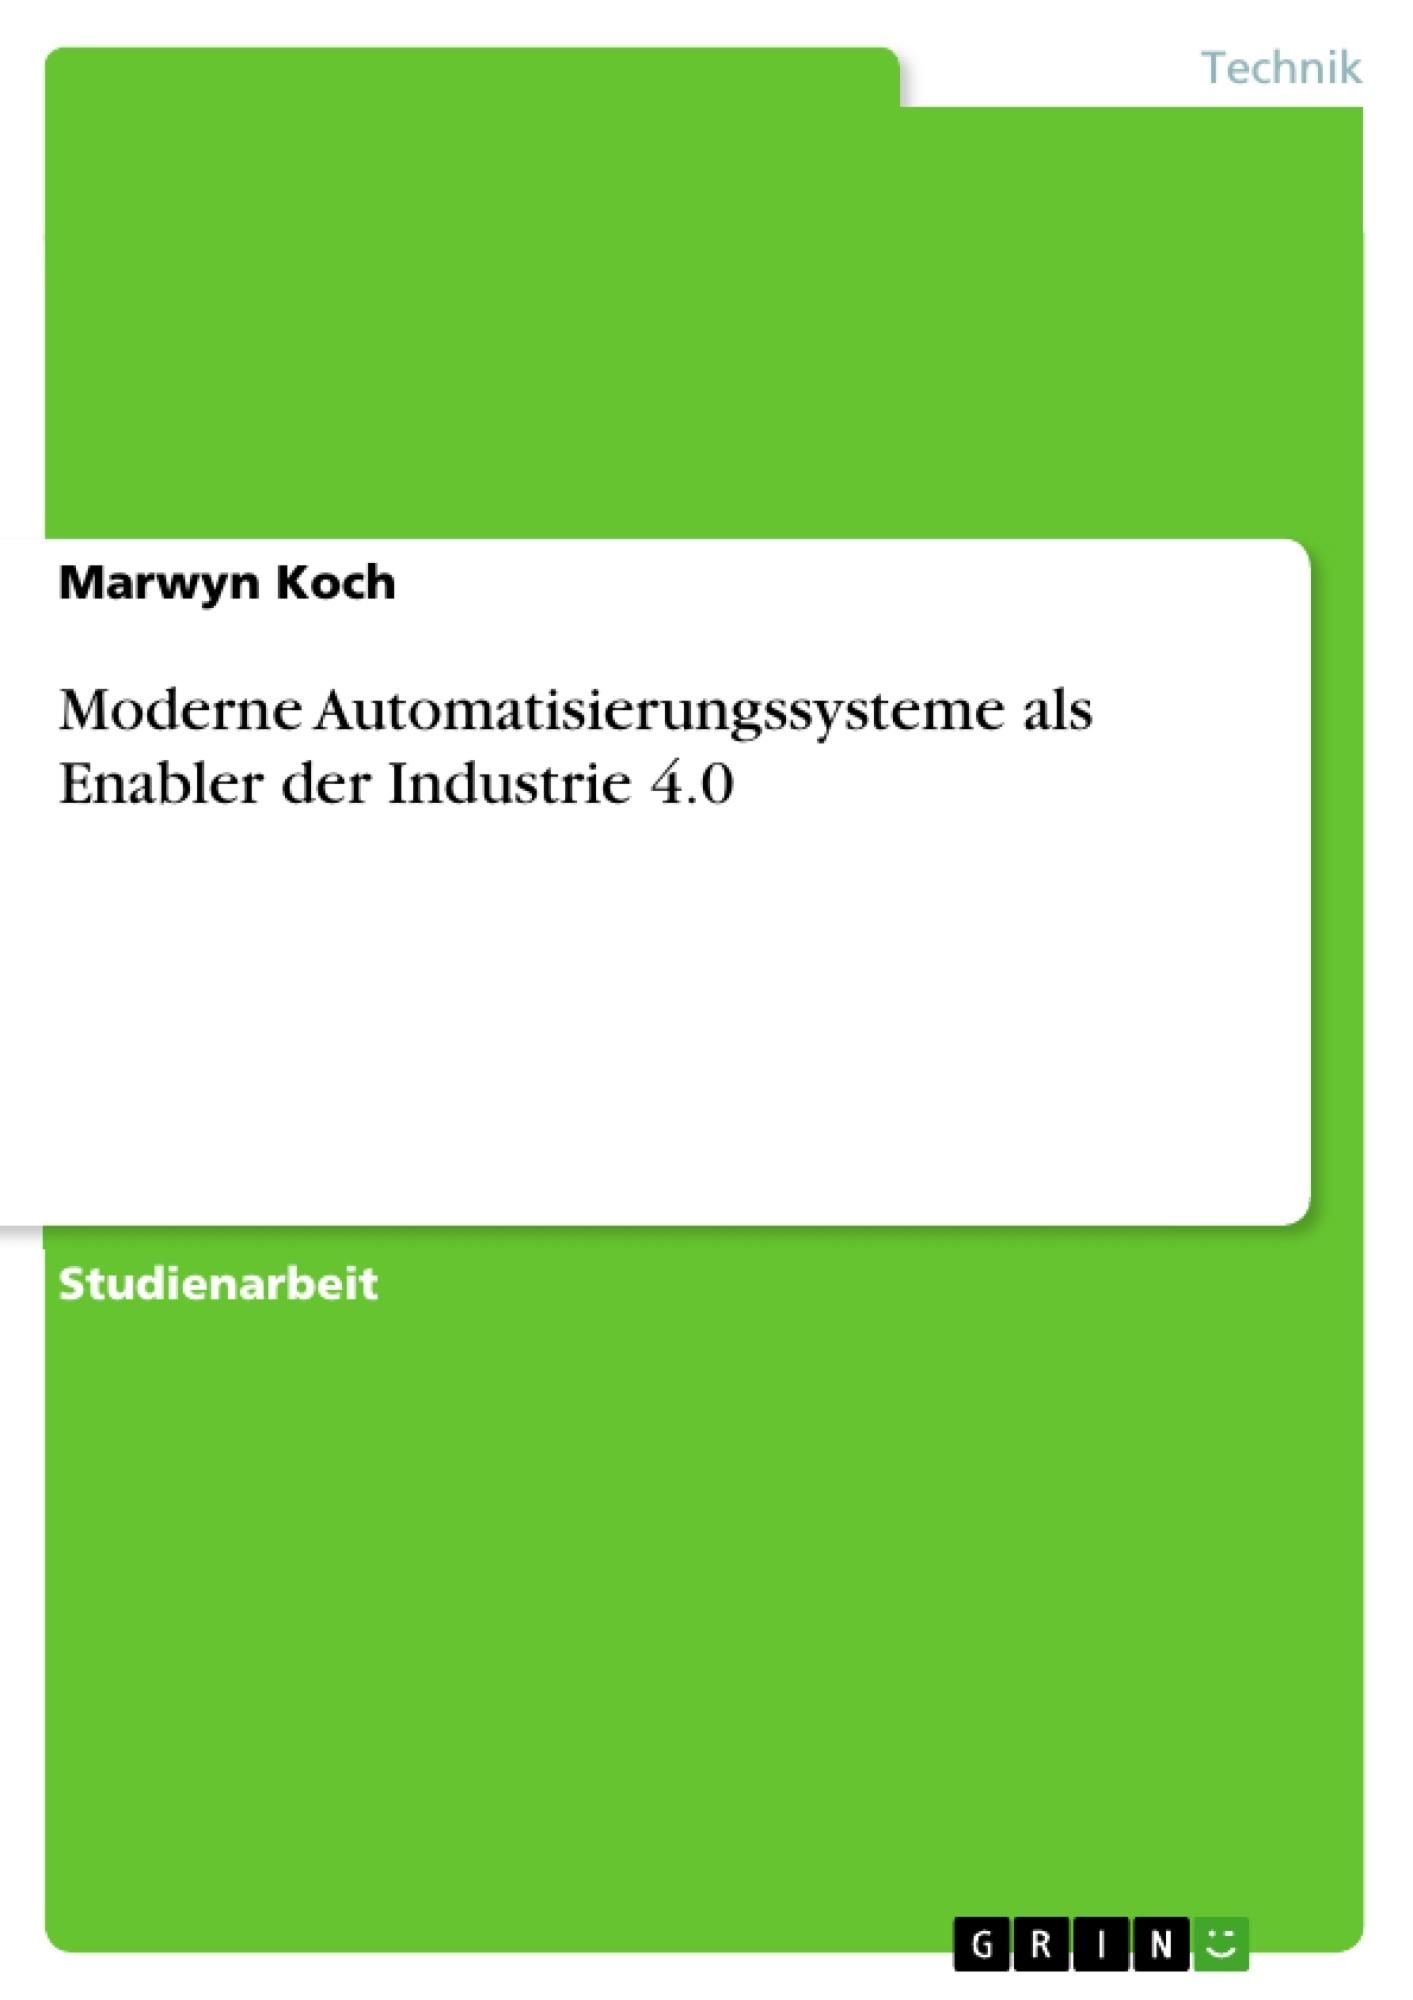 Titel: Moderne Automatisierungssysteme als Enabler der Industrie 4.0